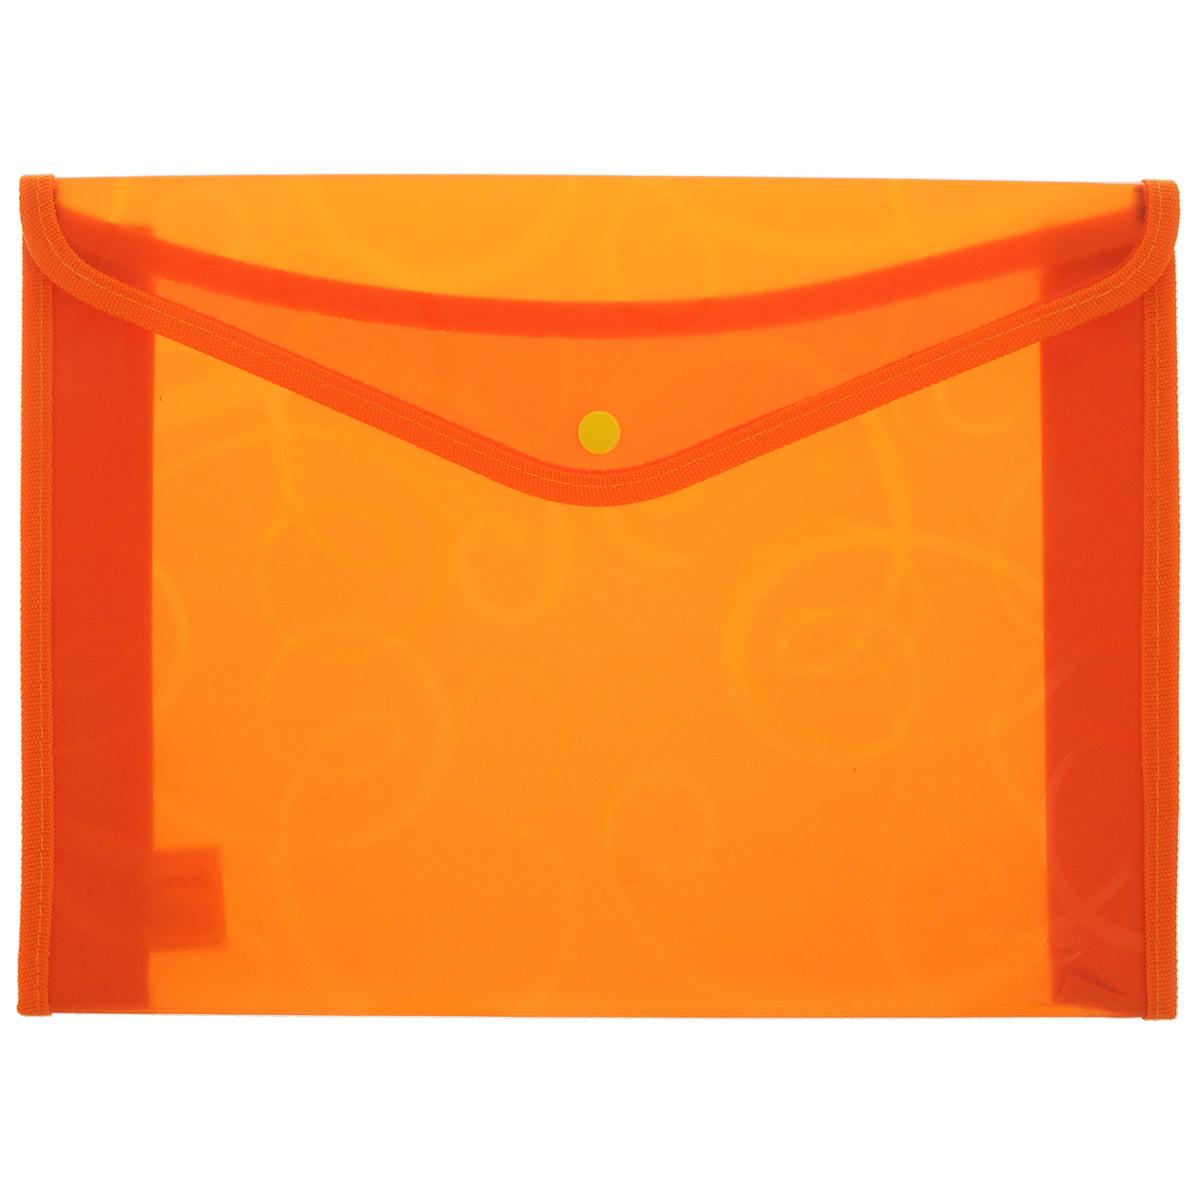 Папка конверт Centrum, на кнопке, цвет: оранжевый, формат А480804 оранжевыйПапка Centrum - это удобный и функциональный инструмент, предназначенный для хранения и транспортировки бумаг и документов формата А4. Обложка папки изготовлена из прочного полупрозрачного пластика, оформлена узором, по канту обработана текстилем. Папка дополнена кнопкой для фиксации. Папка надежно сохранит ваши бумаги и сбережет их от повреждений, влаги и пыли.